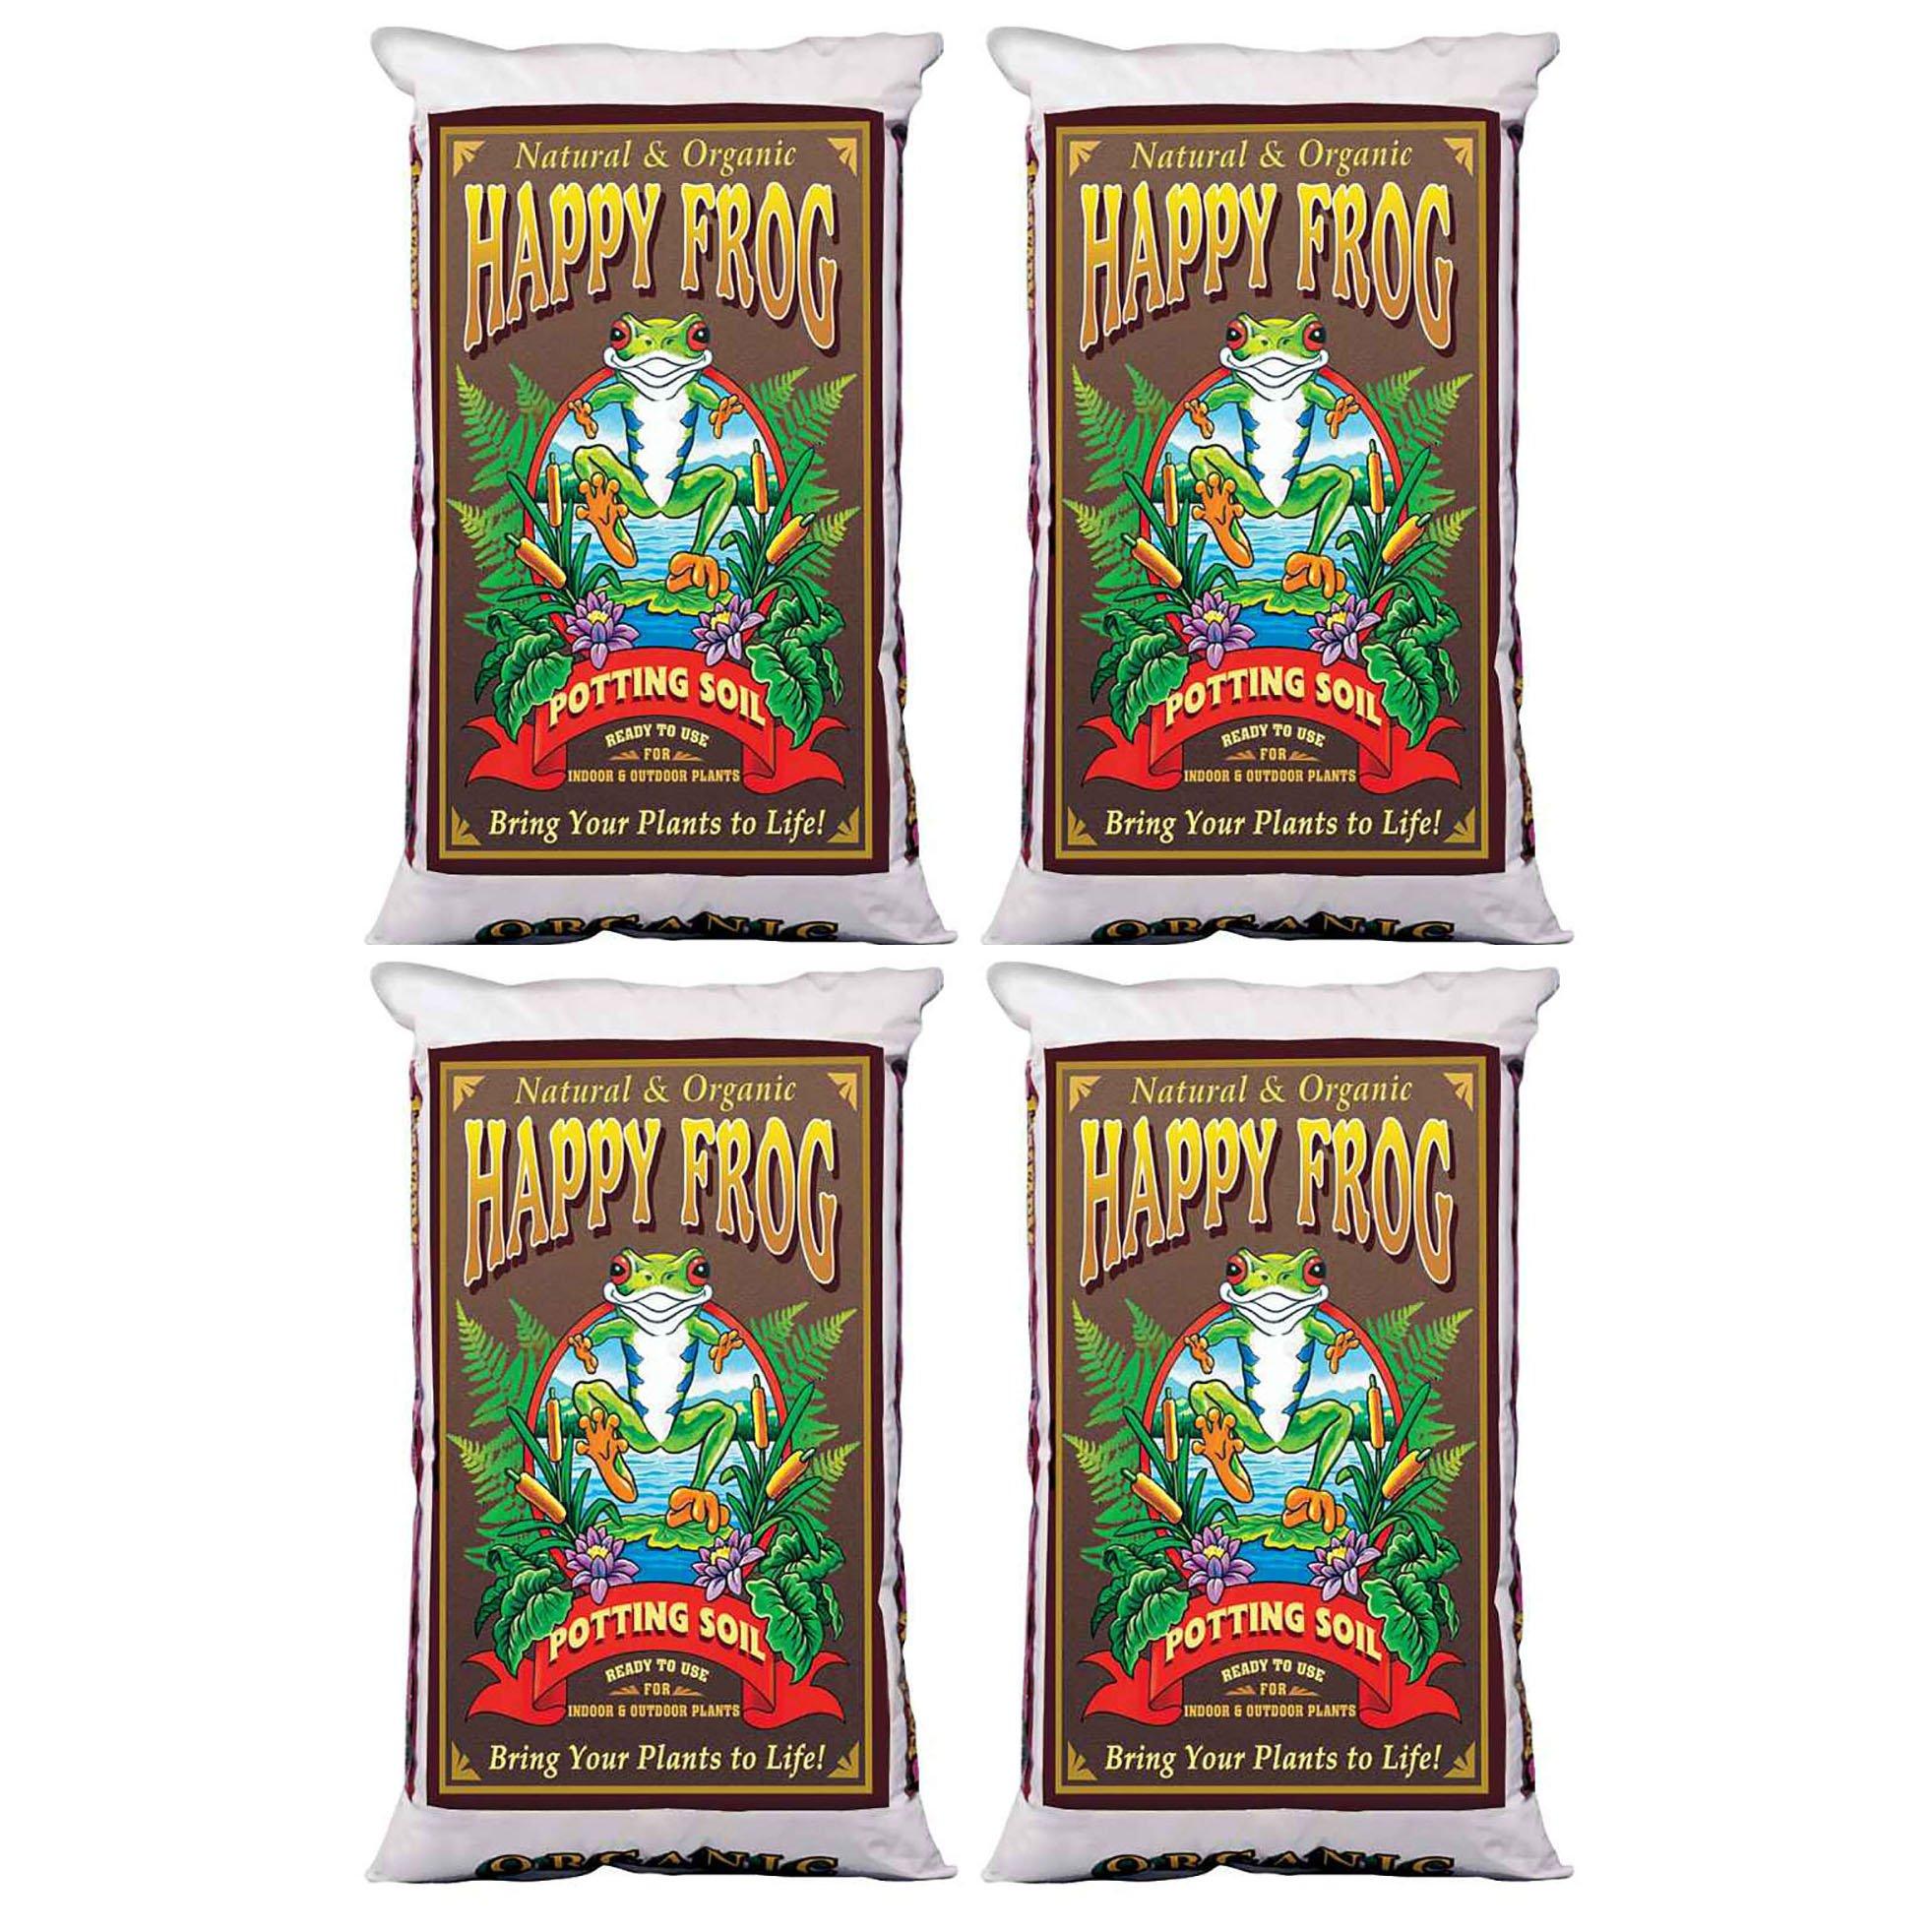 FoxFarm Happy Frog Nutrient Rich Rapid Growth Potting Soil, 8 Cu Feet   FX14081